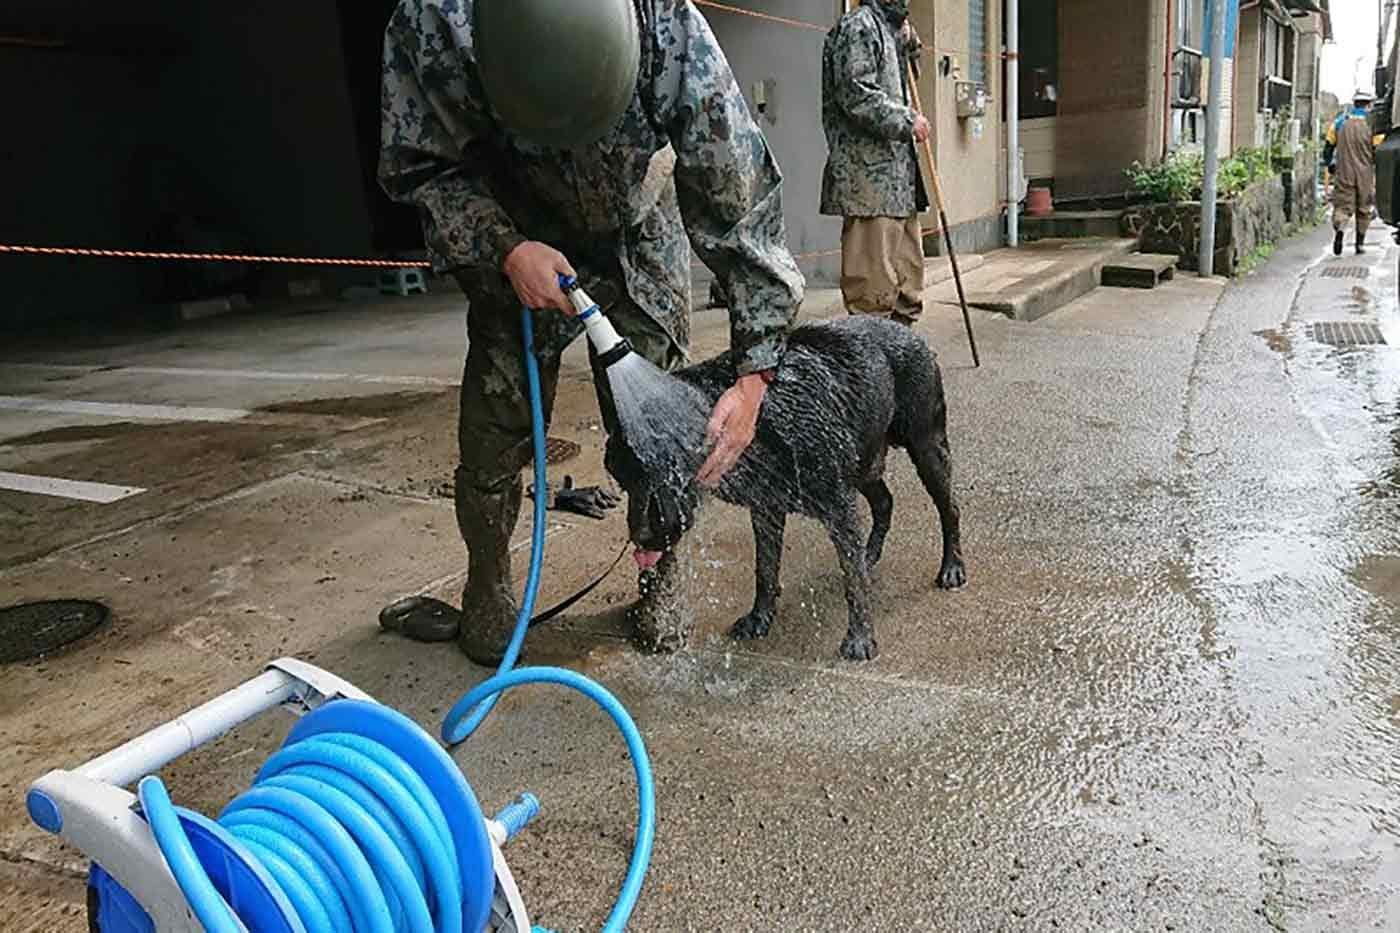 水を浴びて体の泥を落とす災害救助犬(レスキュードッグ)